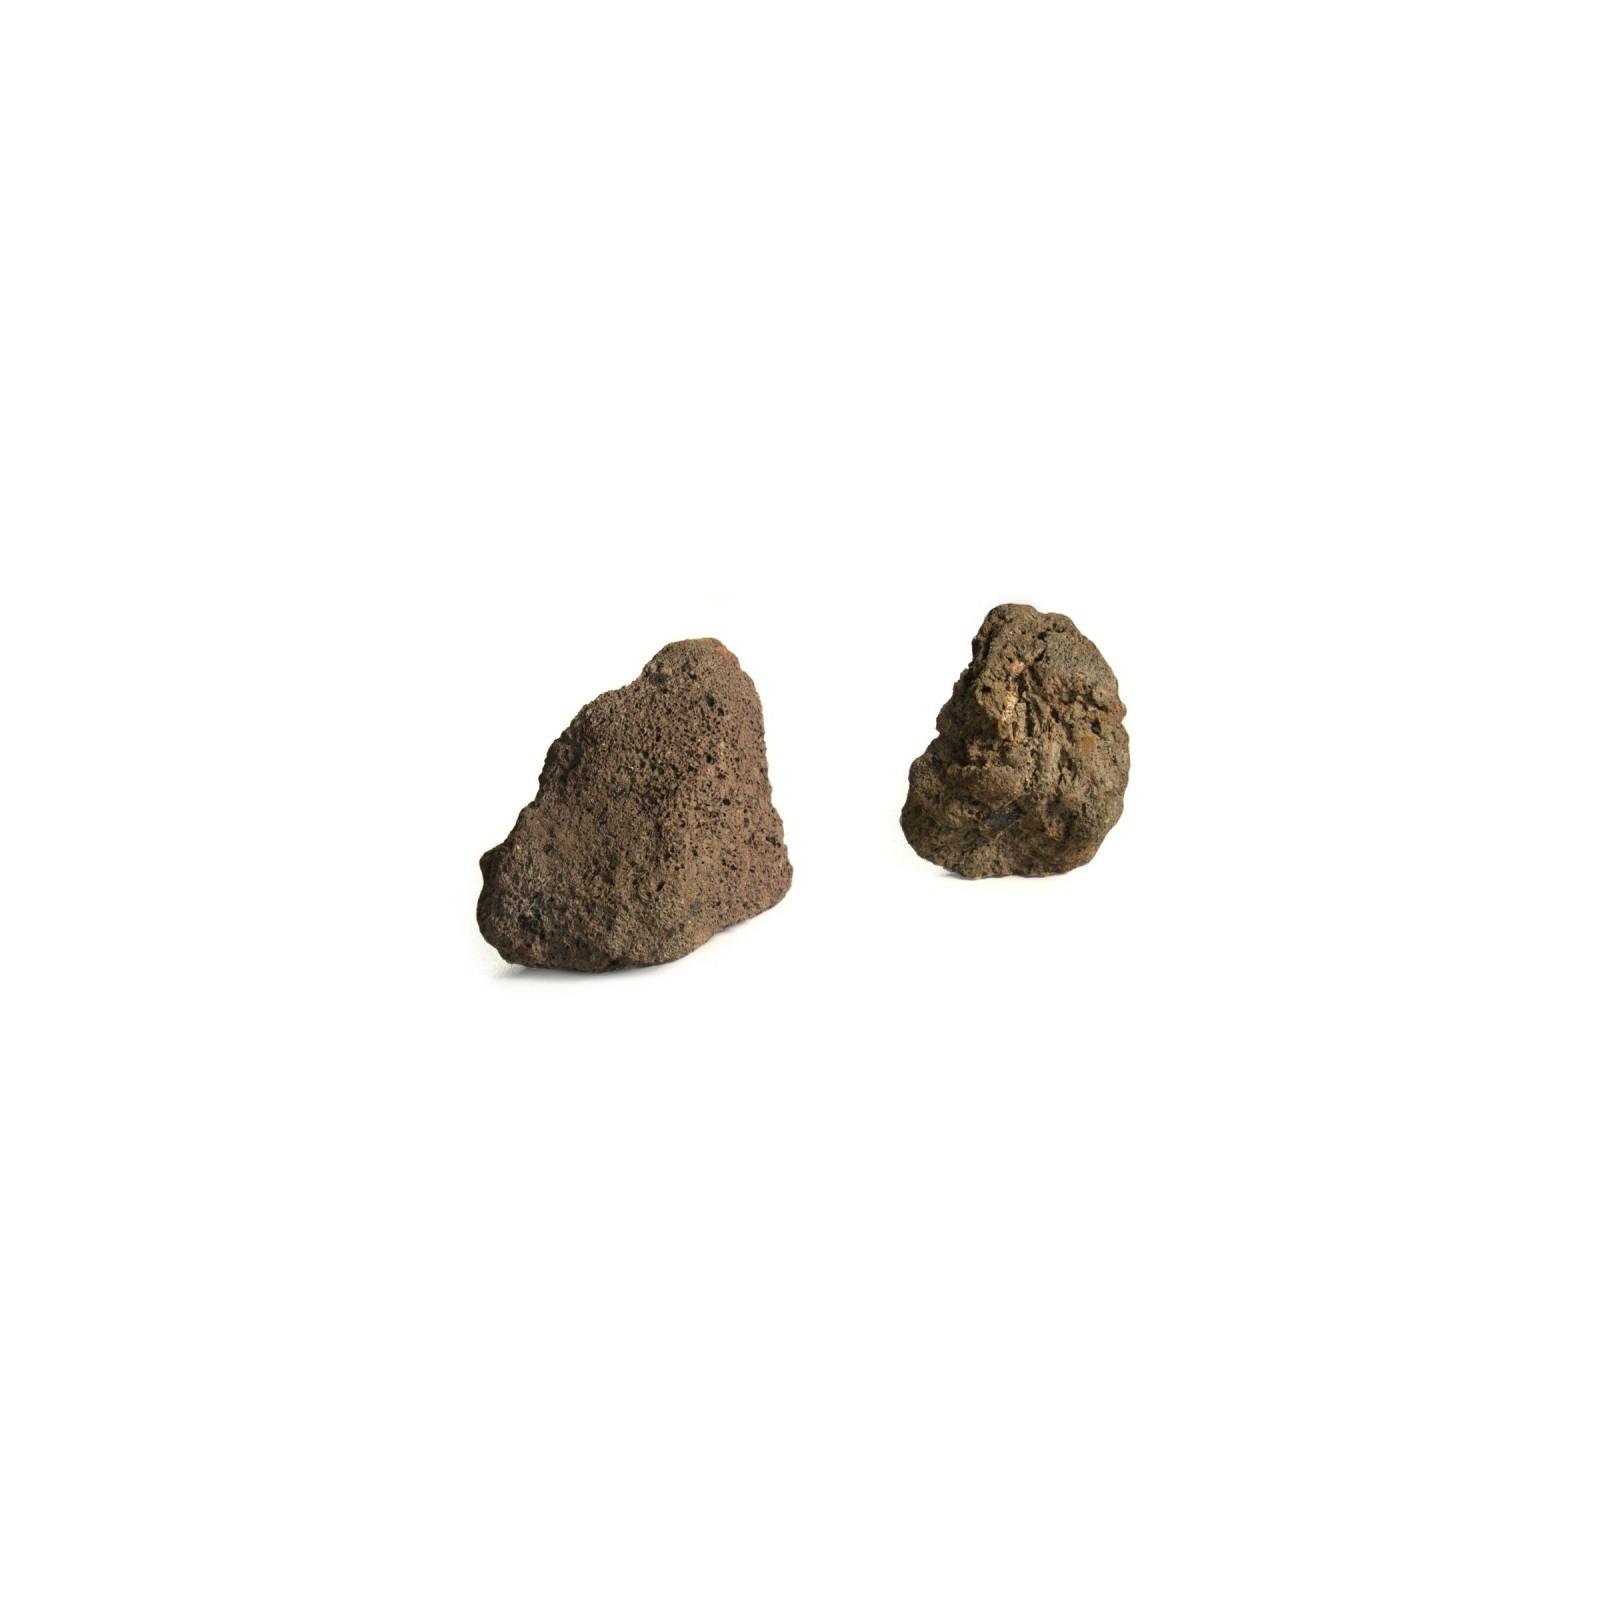 Kámen Láva (červeno-hnědá), Velikost L (2-4 kg, 25-35 cm)